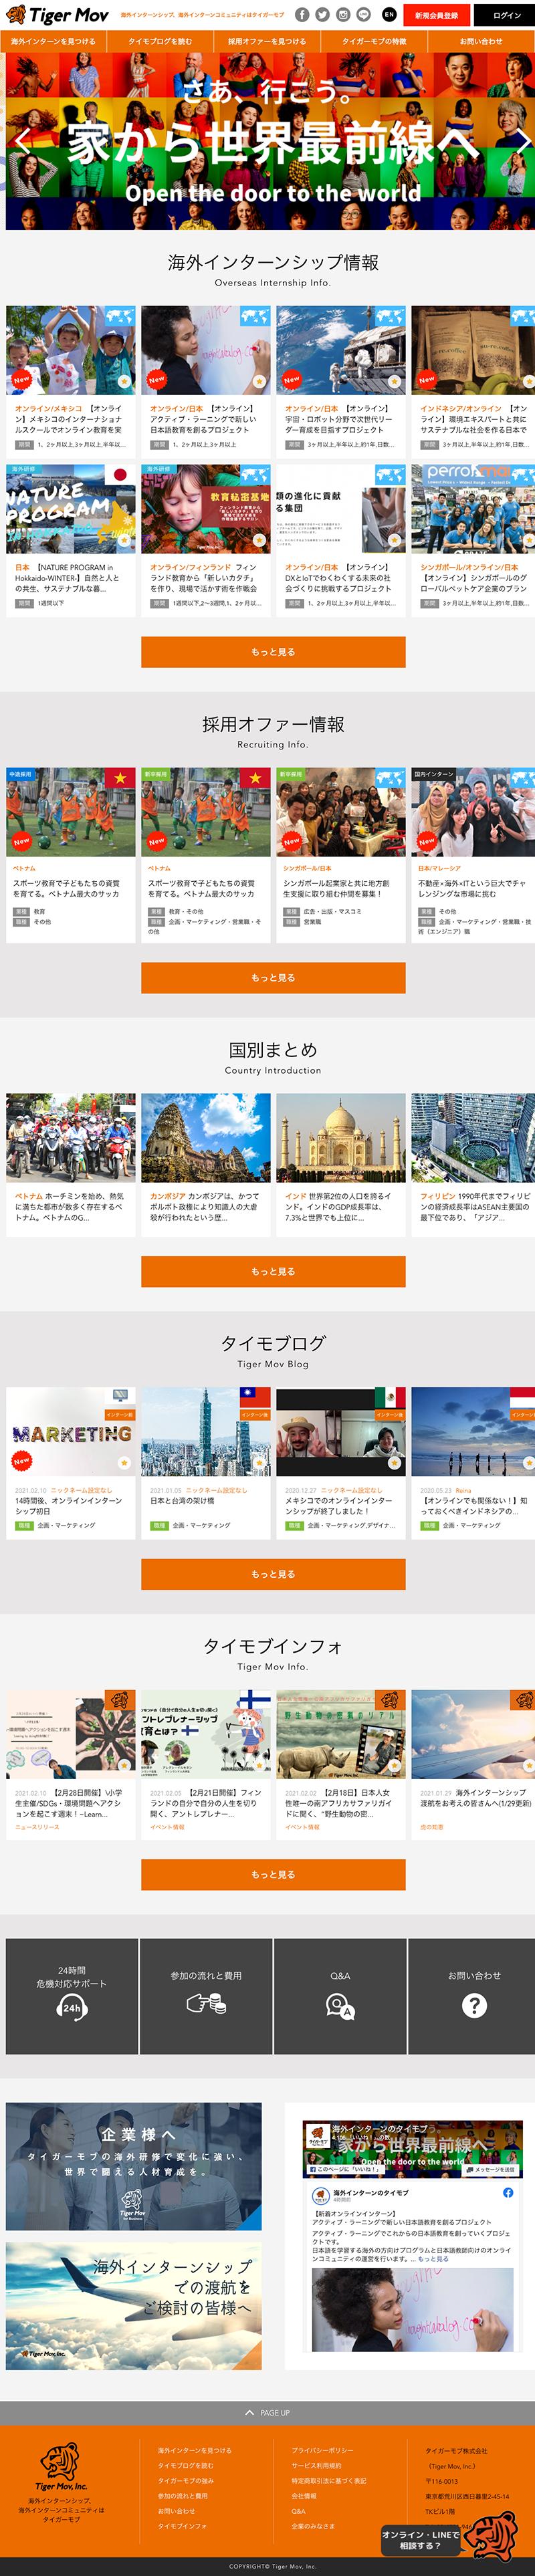 ホームページ制作実績「タイガーモブ」Webサイト新規制作